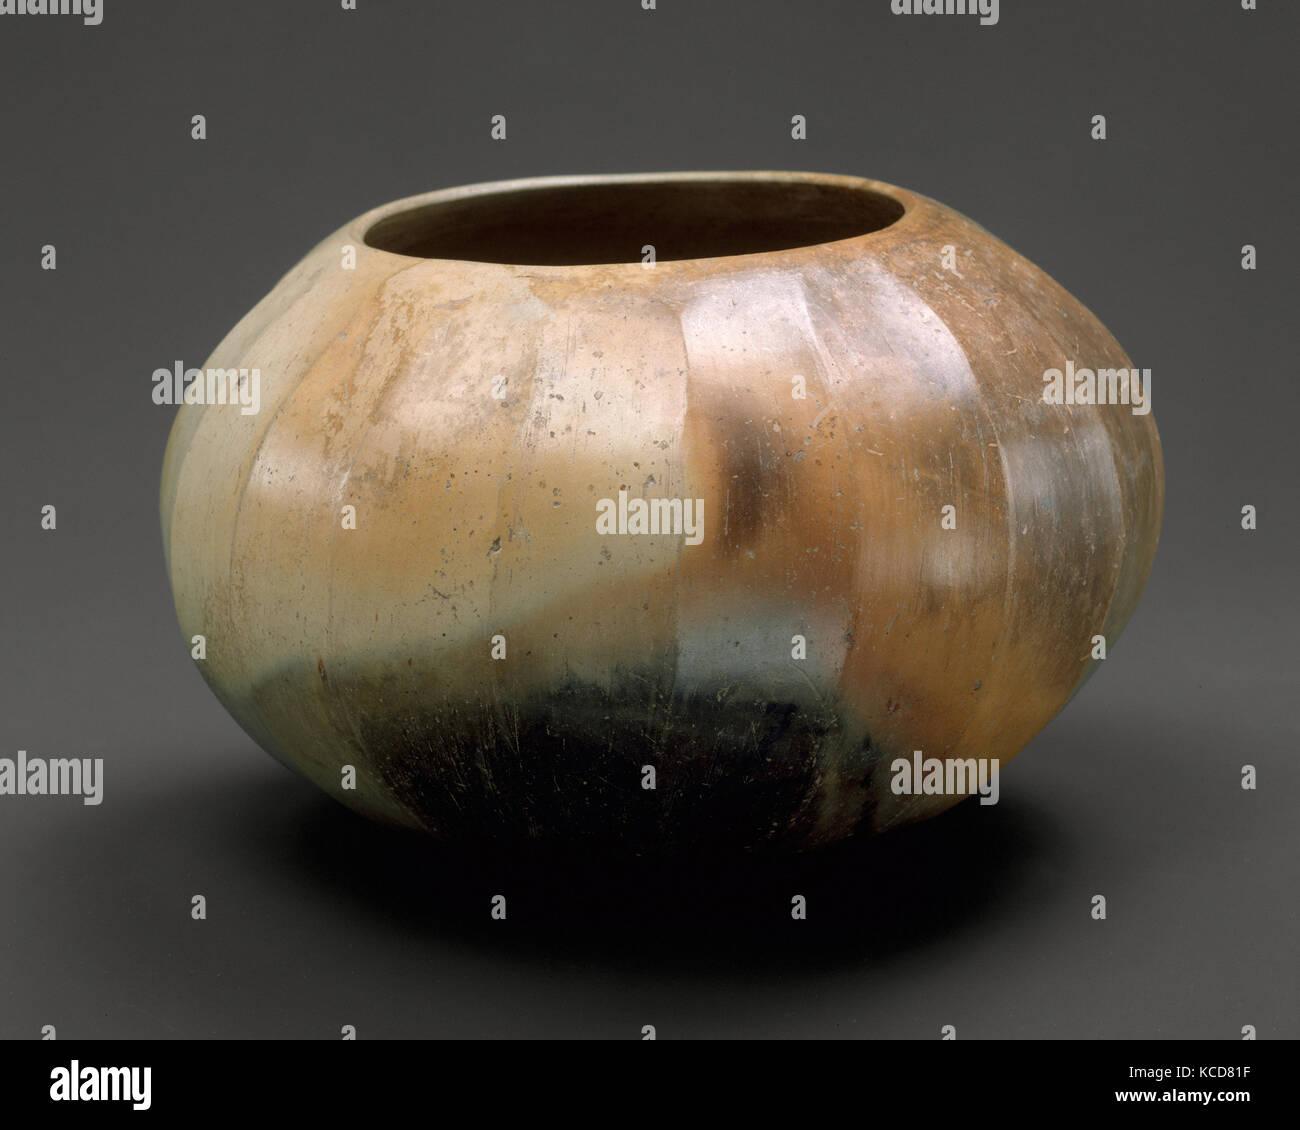 Bowl (Tecomate), 12th–9th century B.C., Mexico, Mesoamerica, Olmec, Ceramic, H. 4 1/2 in. (11.3 cm), Ceramics-Containers - Stock Image